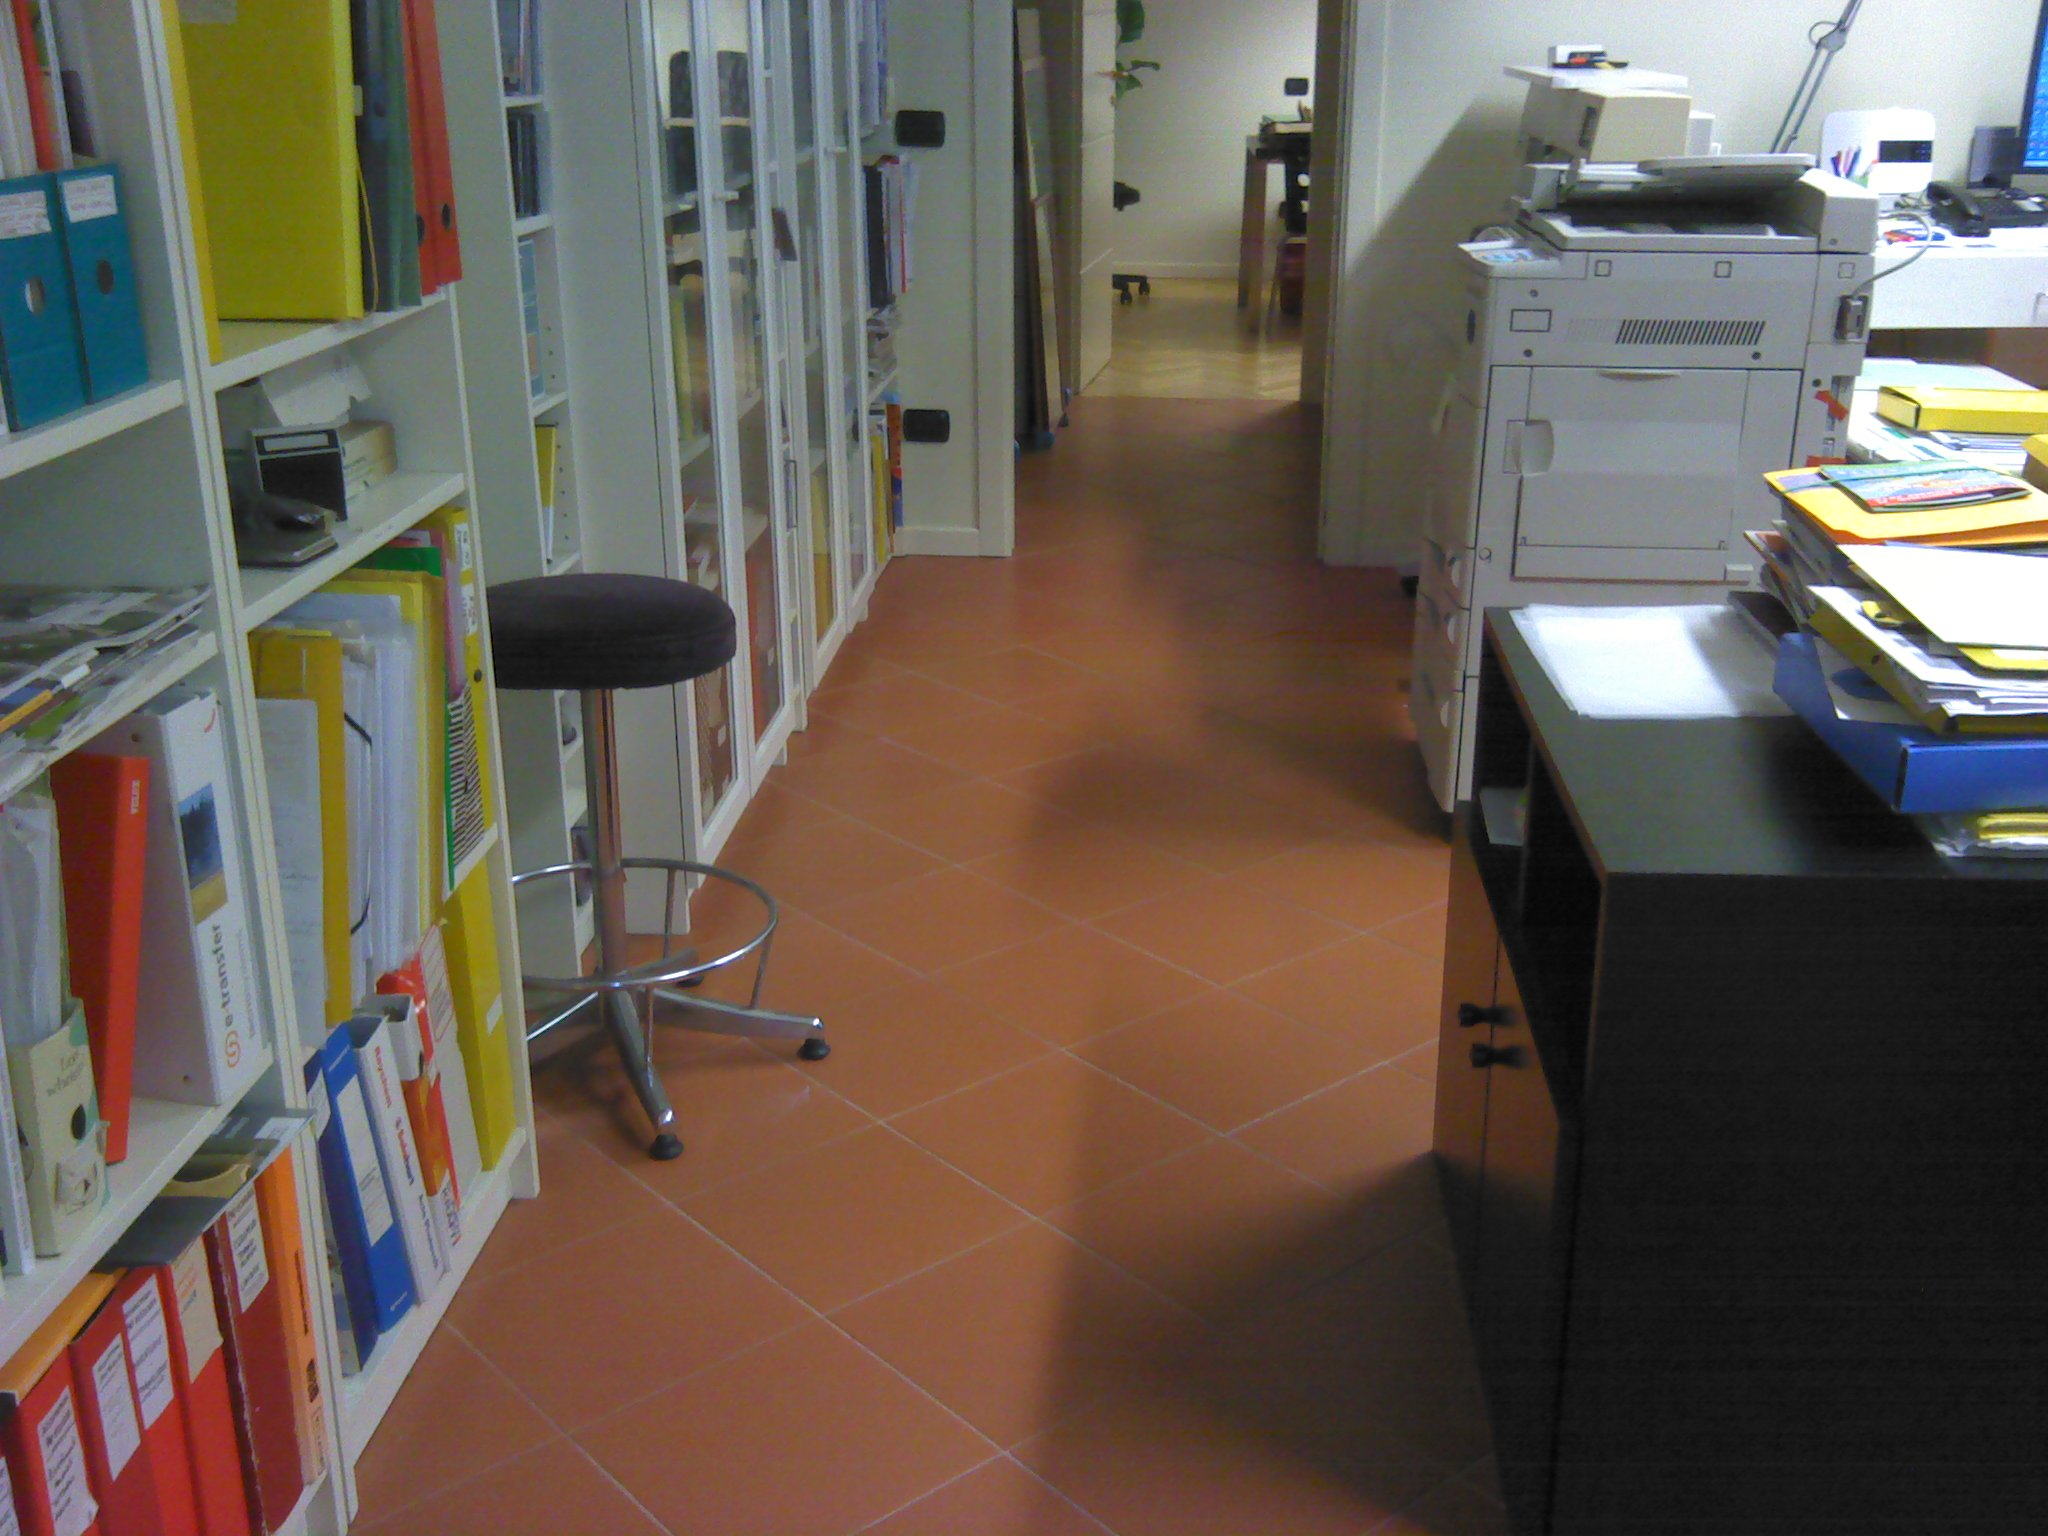 Immagine al visibile della stessa porzione di pavimento